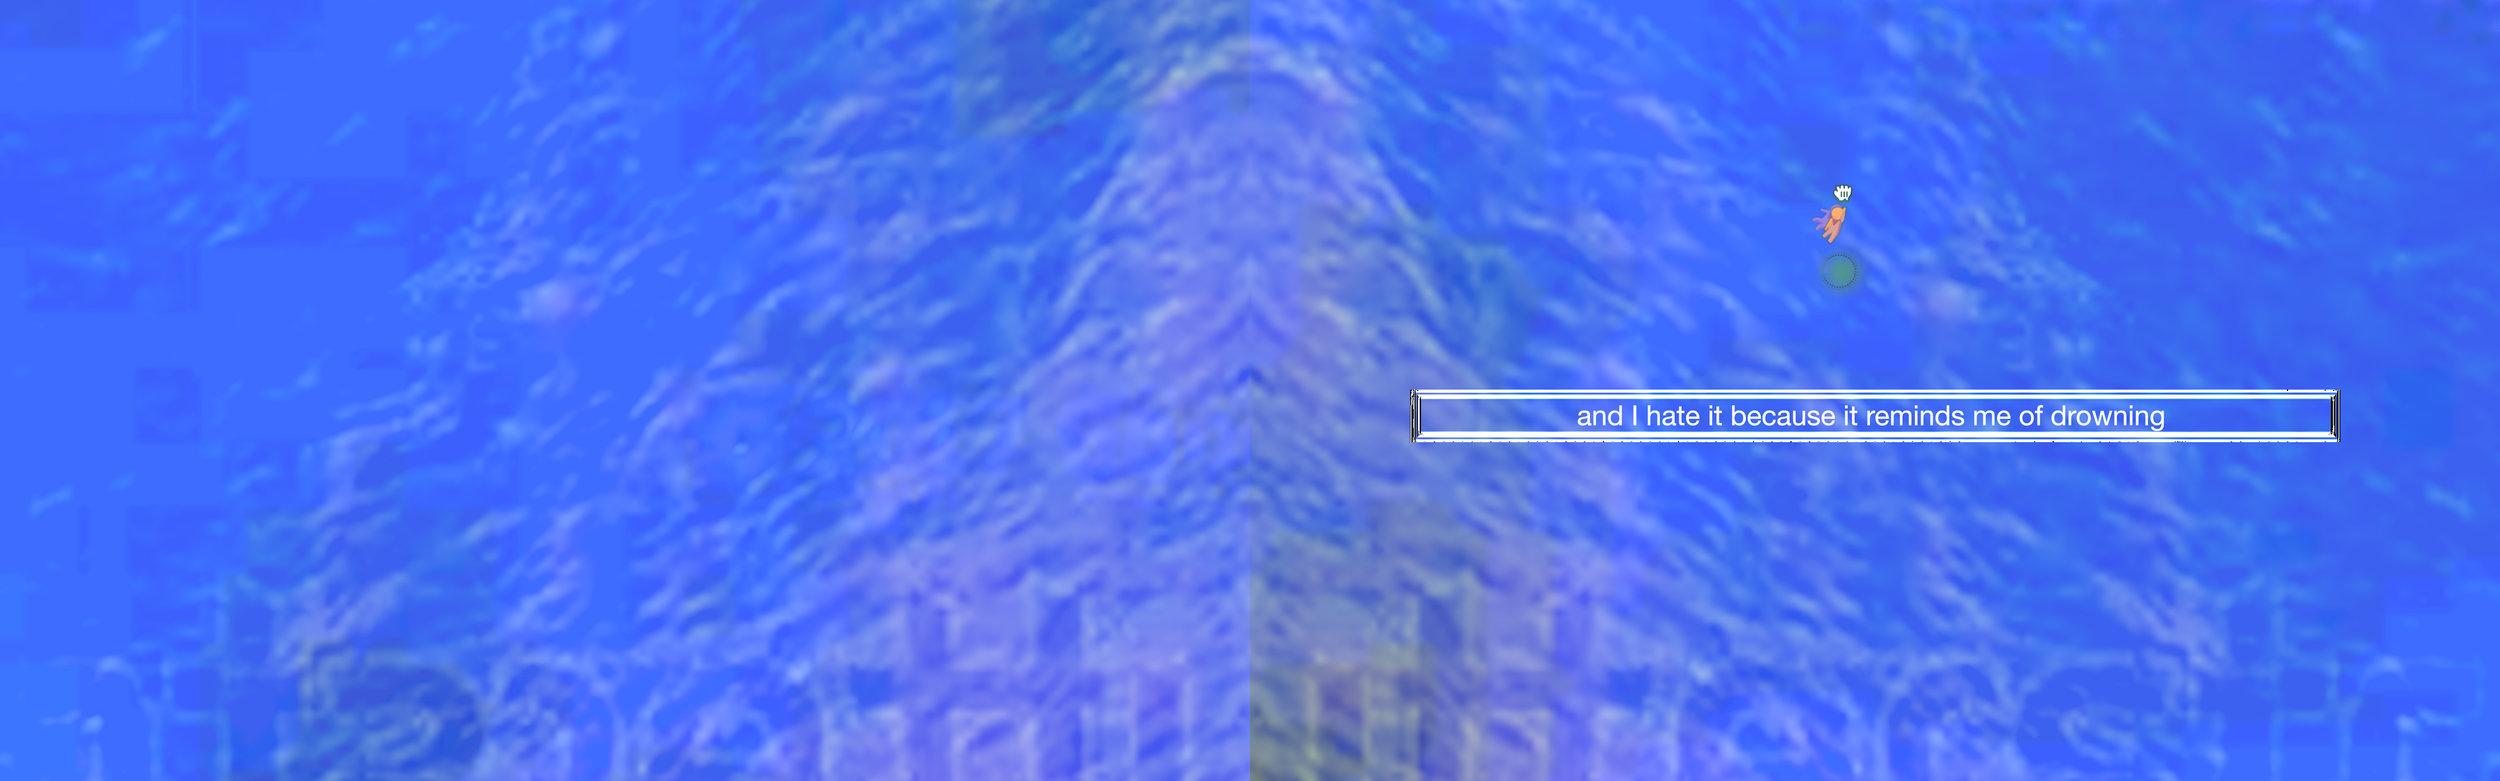 Drowning (Still).jpg